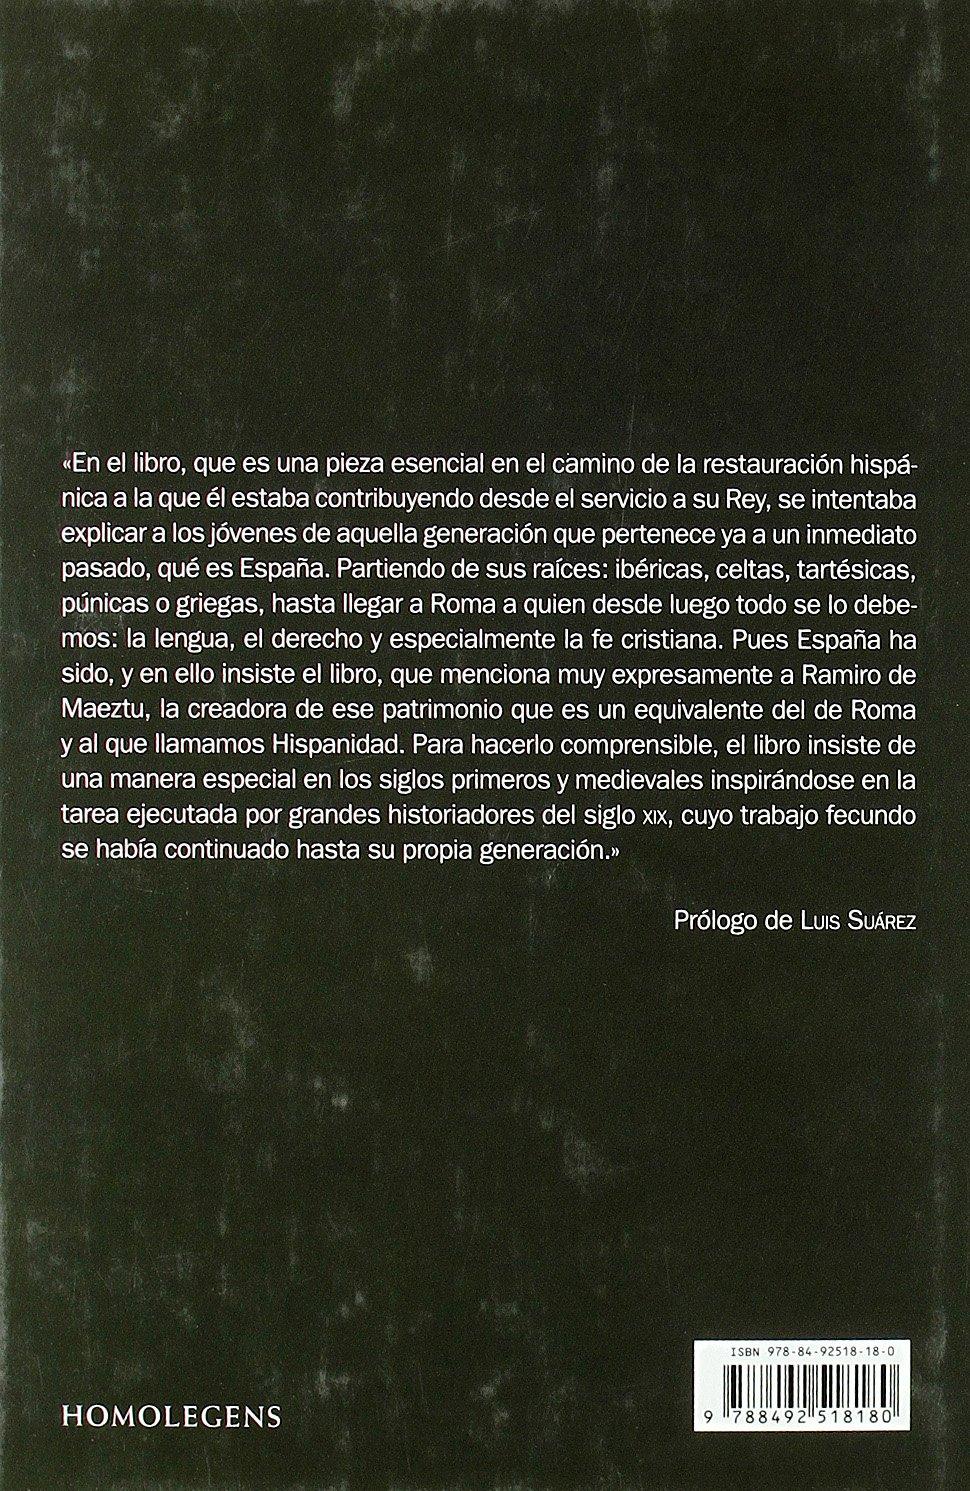 Historia De España Contada Con Sencillez, La Narrativa homo Legens: Amazon. es: Peman, Jose Maria: Libros